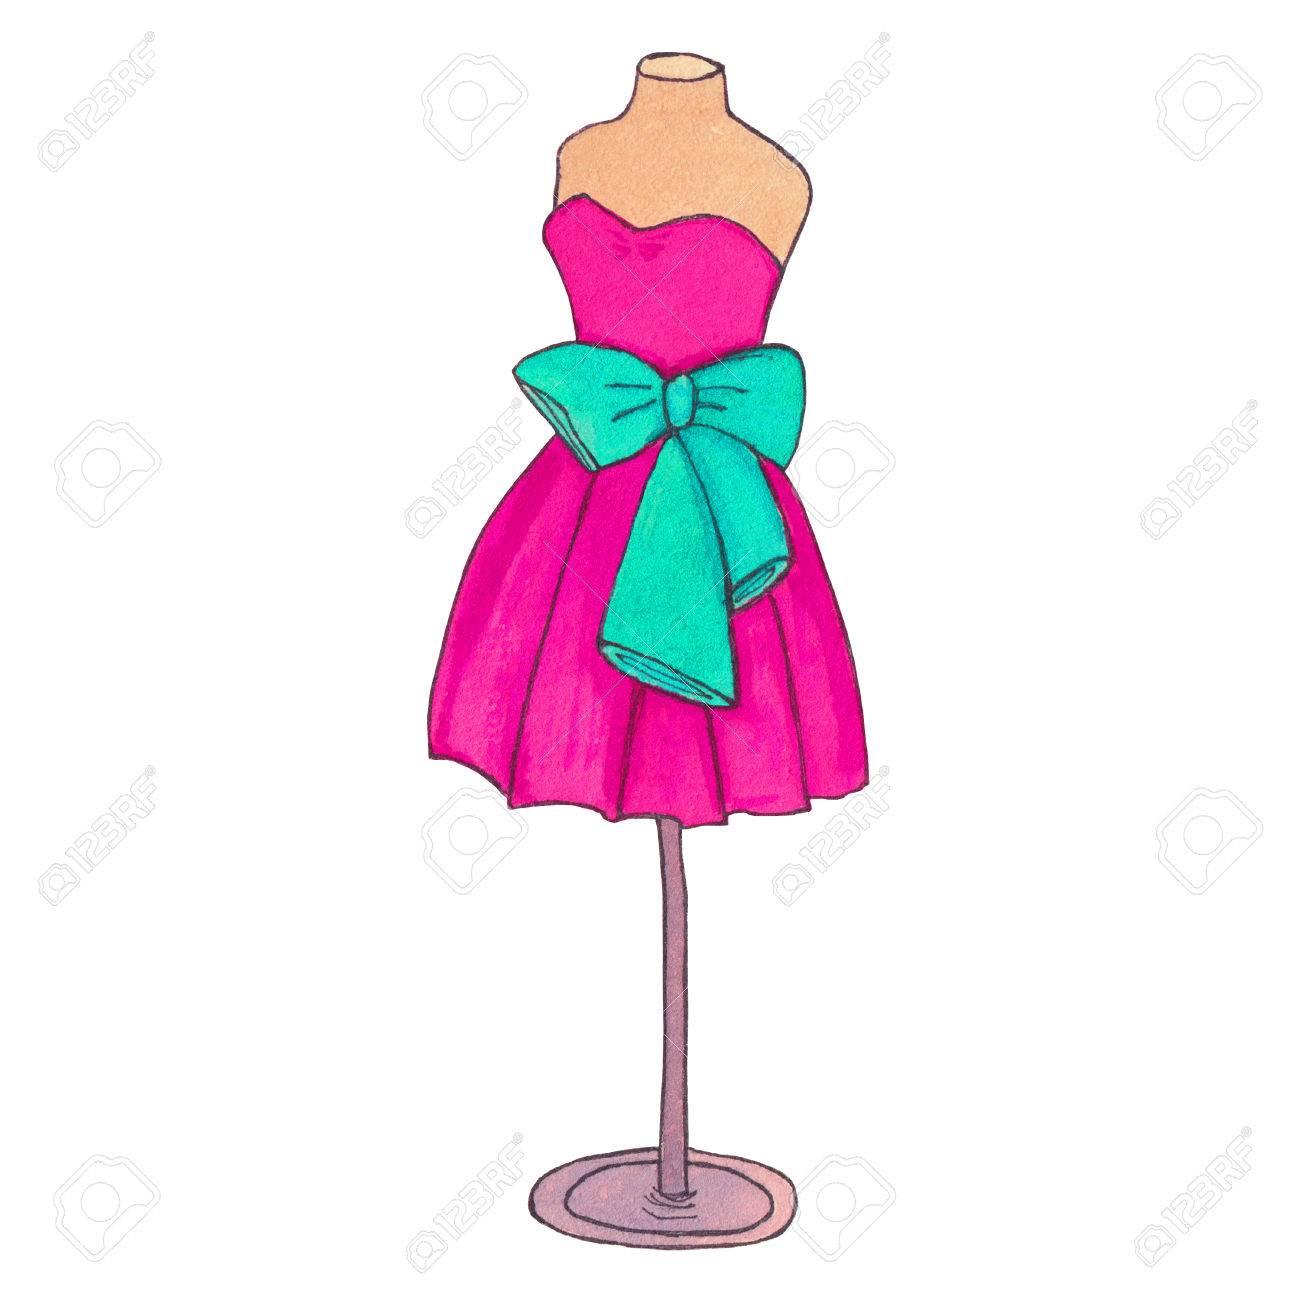 Colorido Vestido De Cóctel Con Un Arco. Maniquí De Vestido De Bola ...